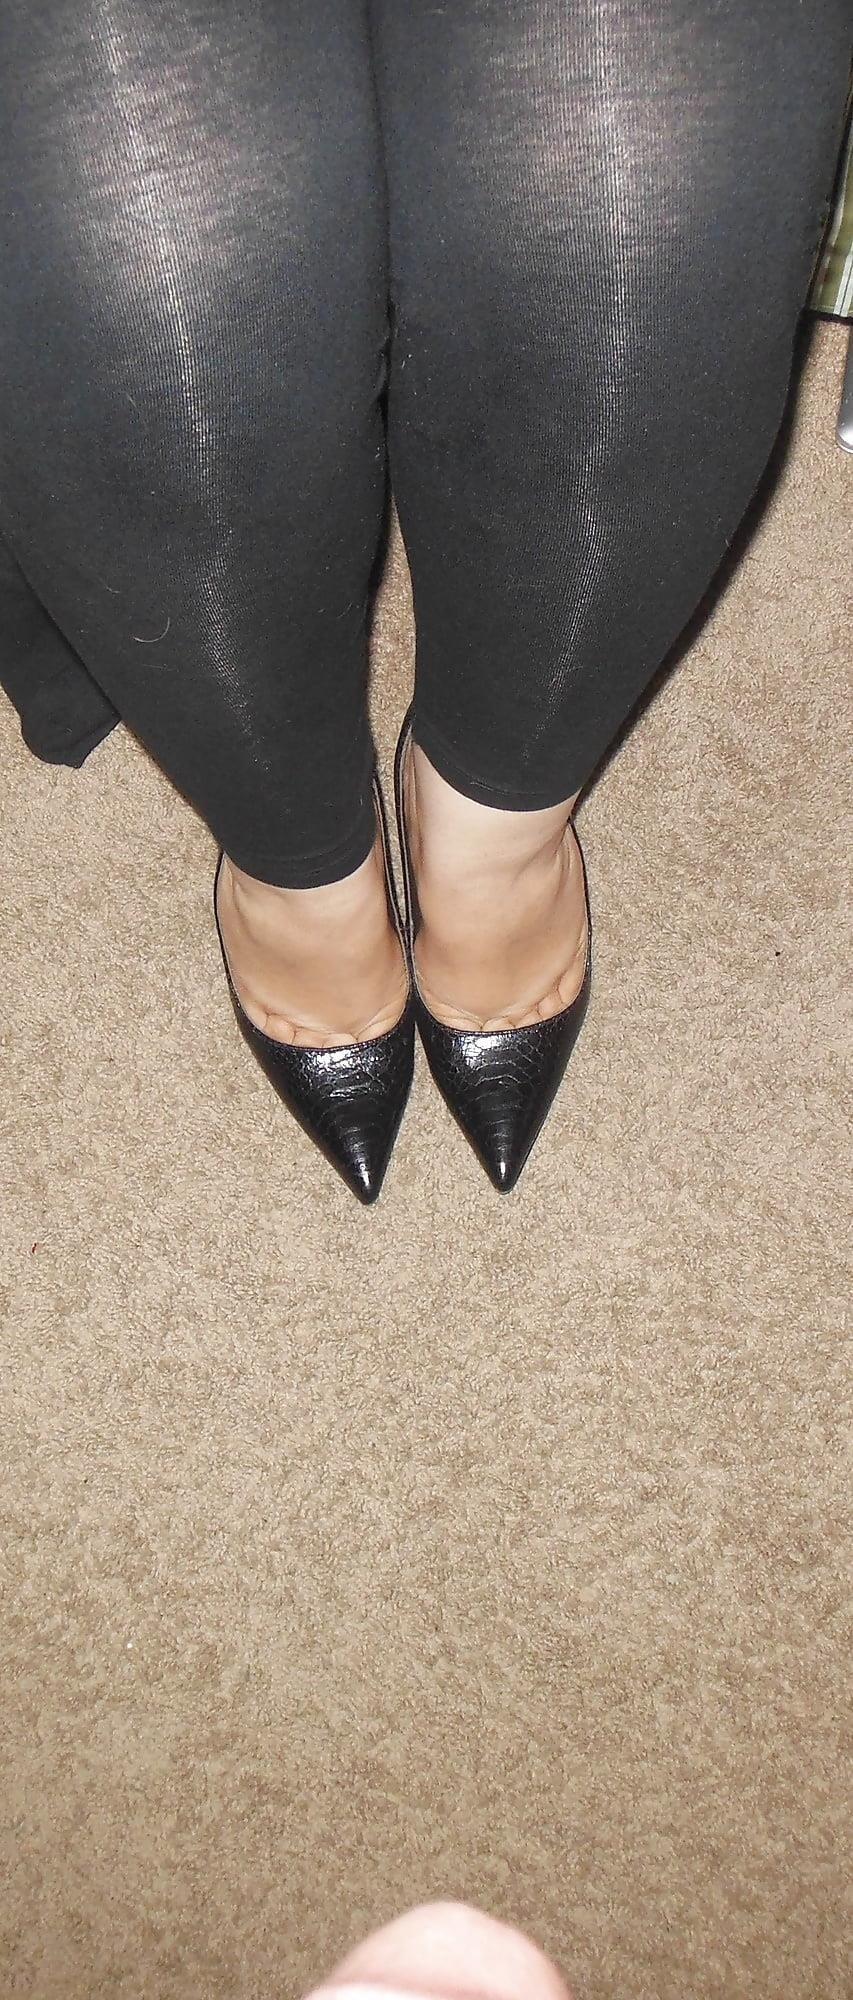 Gay feet black-2881